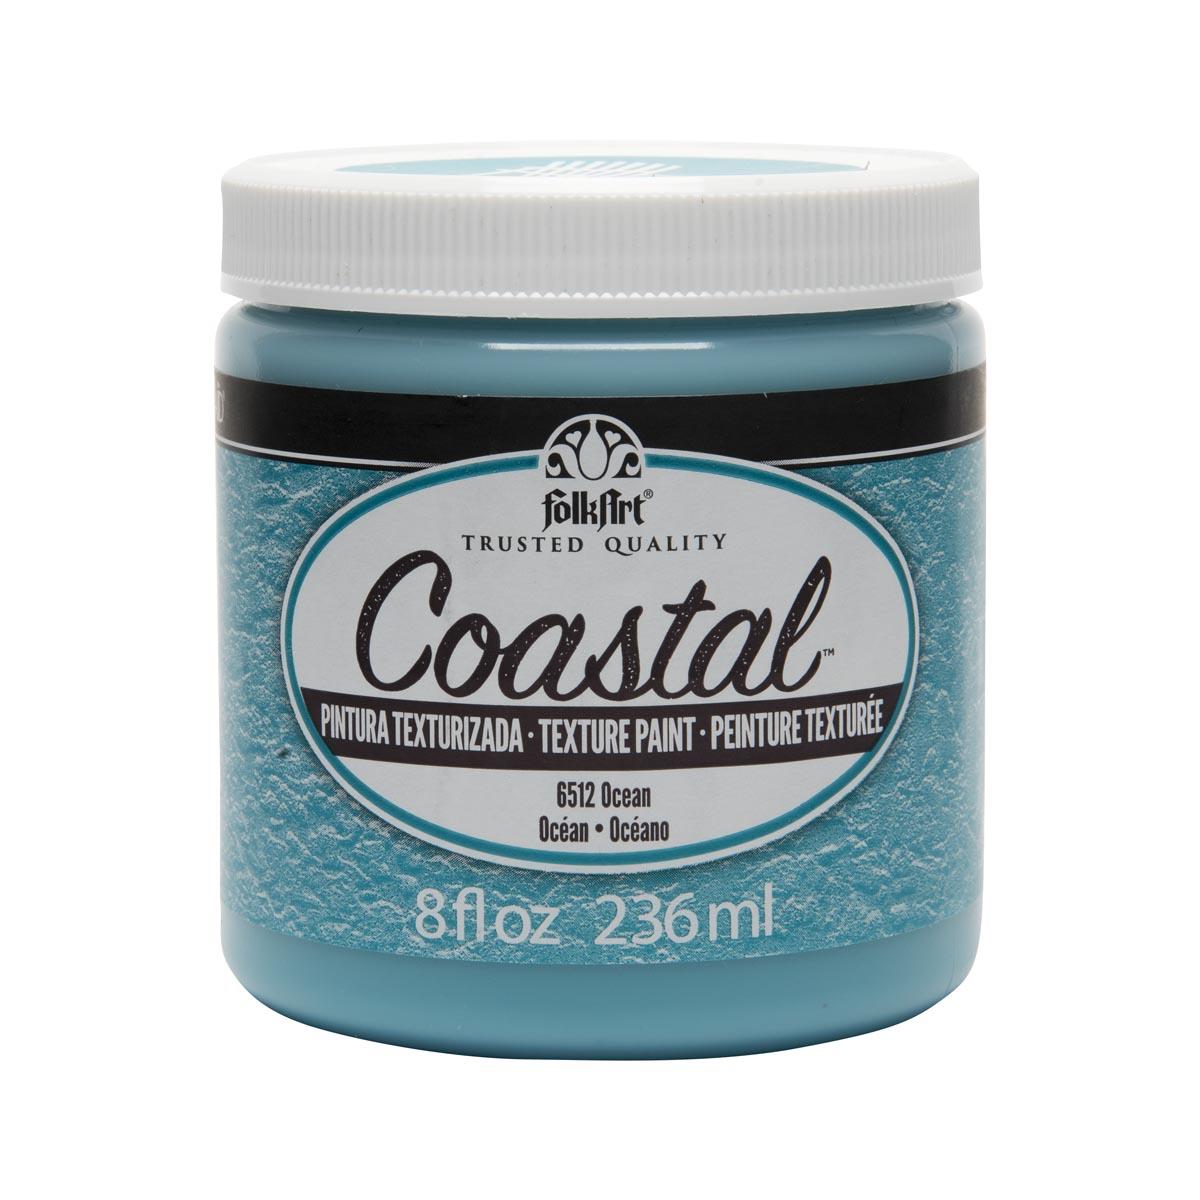 FolkArt ® Coastal™ Texture Paint - Ocean, 8 oz.